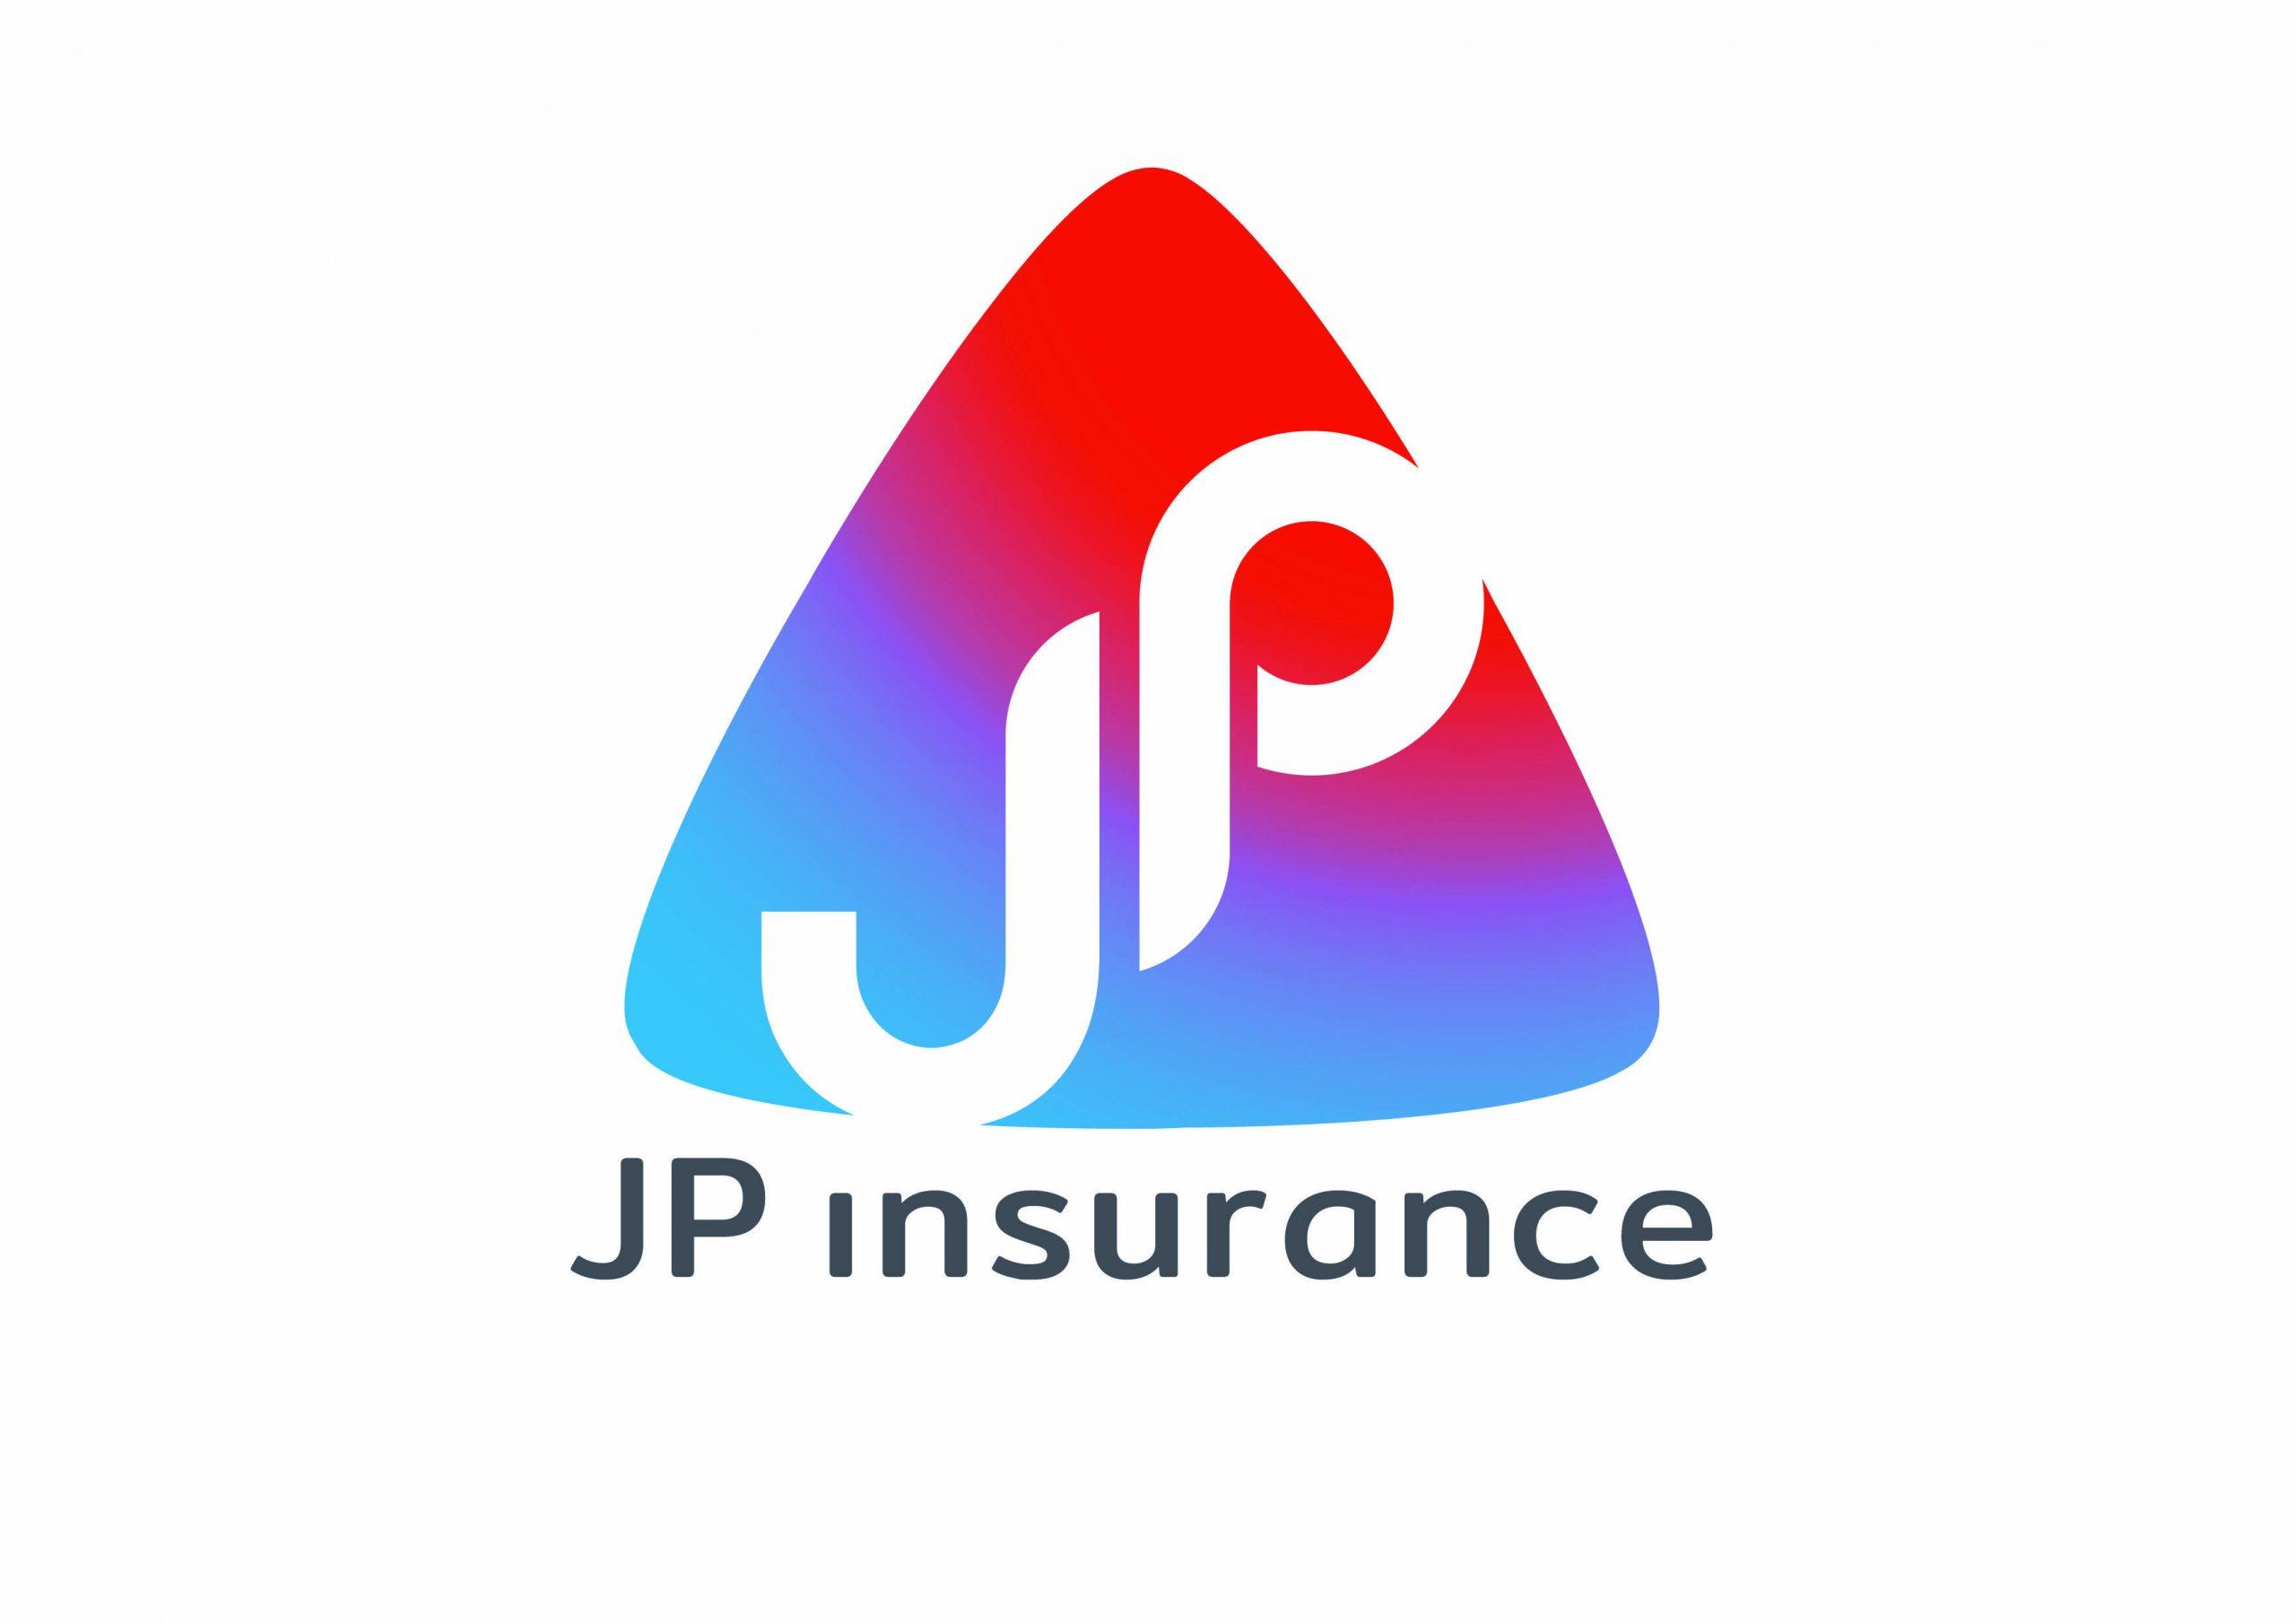 ๋JP insurance